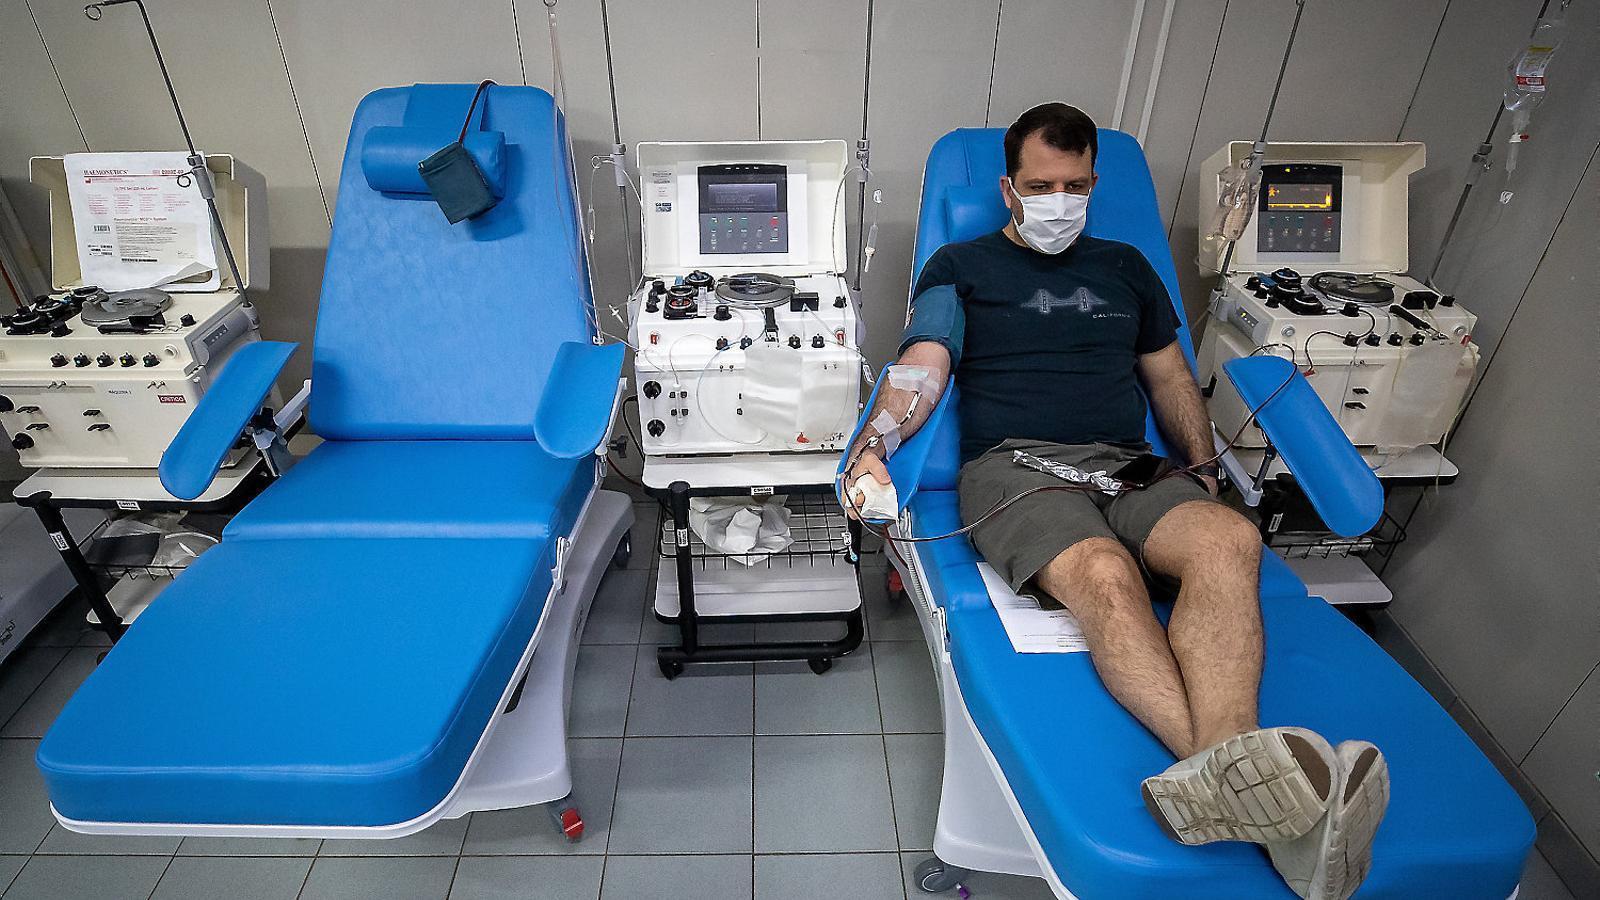 Plasma de supervivents com a tractament per al covid-19